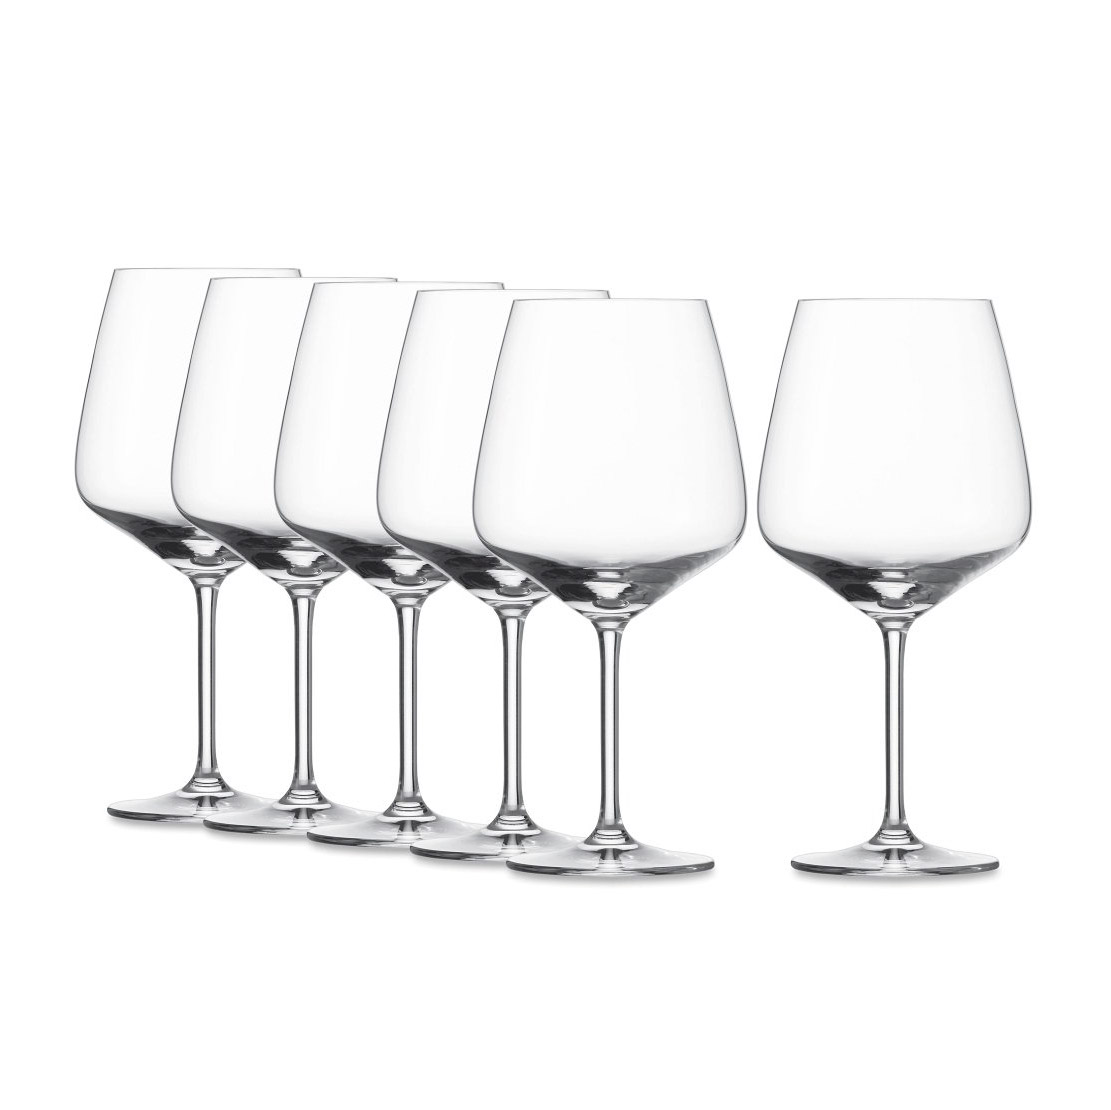 Набор бокалов для красного вина Schott Zwiesel Taste 782 мл 6 шт набор бокалов для красного вина 612 мл 6 шт schott zwiesel diva 104 096 6